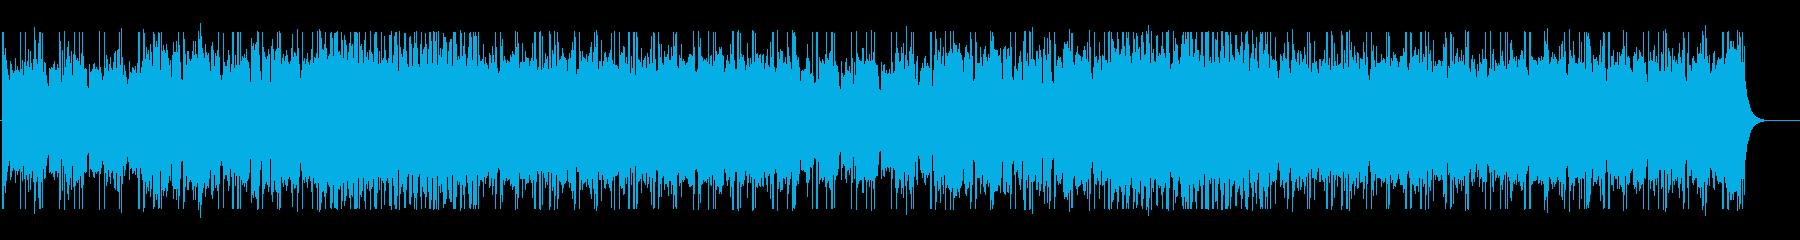 スリリングで疾走感のあるテクノBGMの再生済みの波形